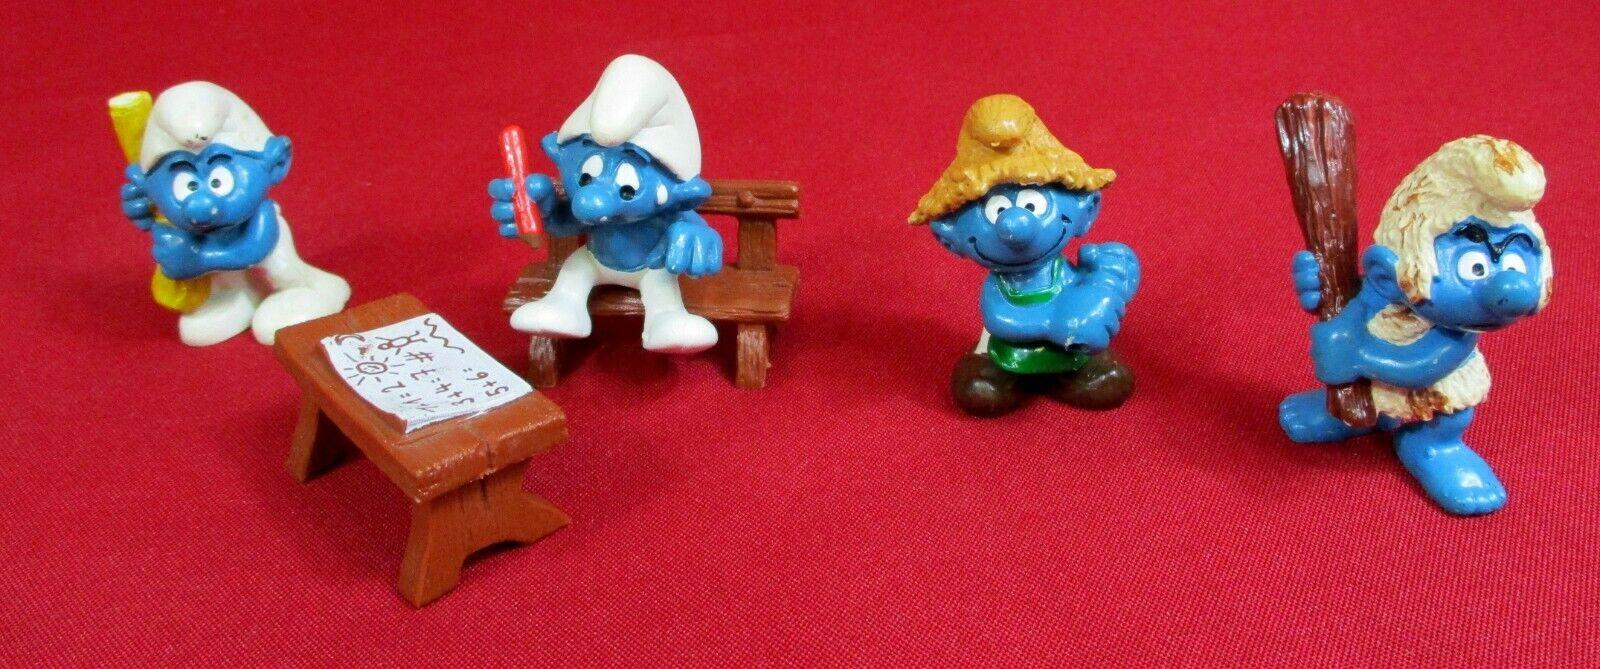 4 alte PEYO Schleich Schlumpf-Figuren Die Schlümpfe Gummifiguren 1981-1994